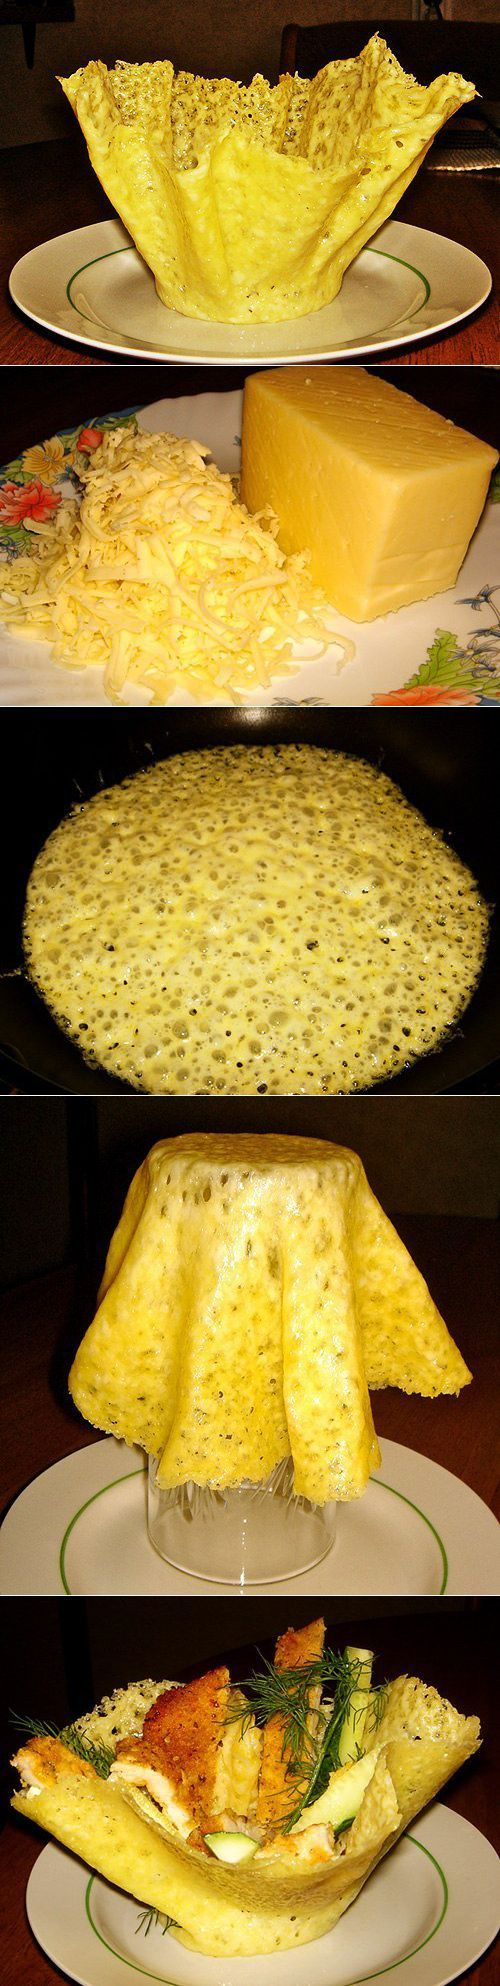 Приготовление сырных корзиночек   Готовим вместе   сытно есть   Постила